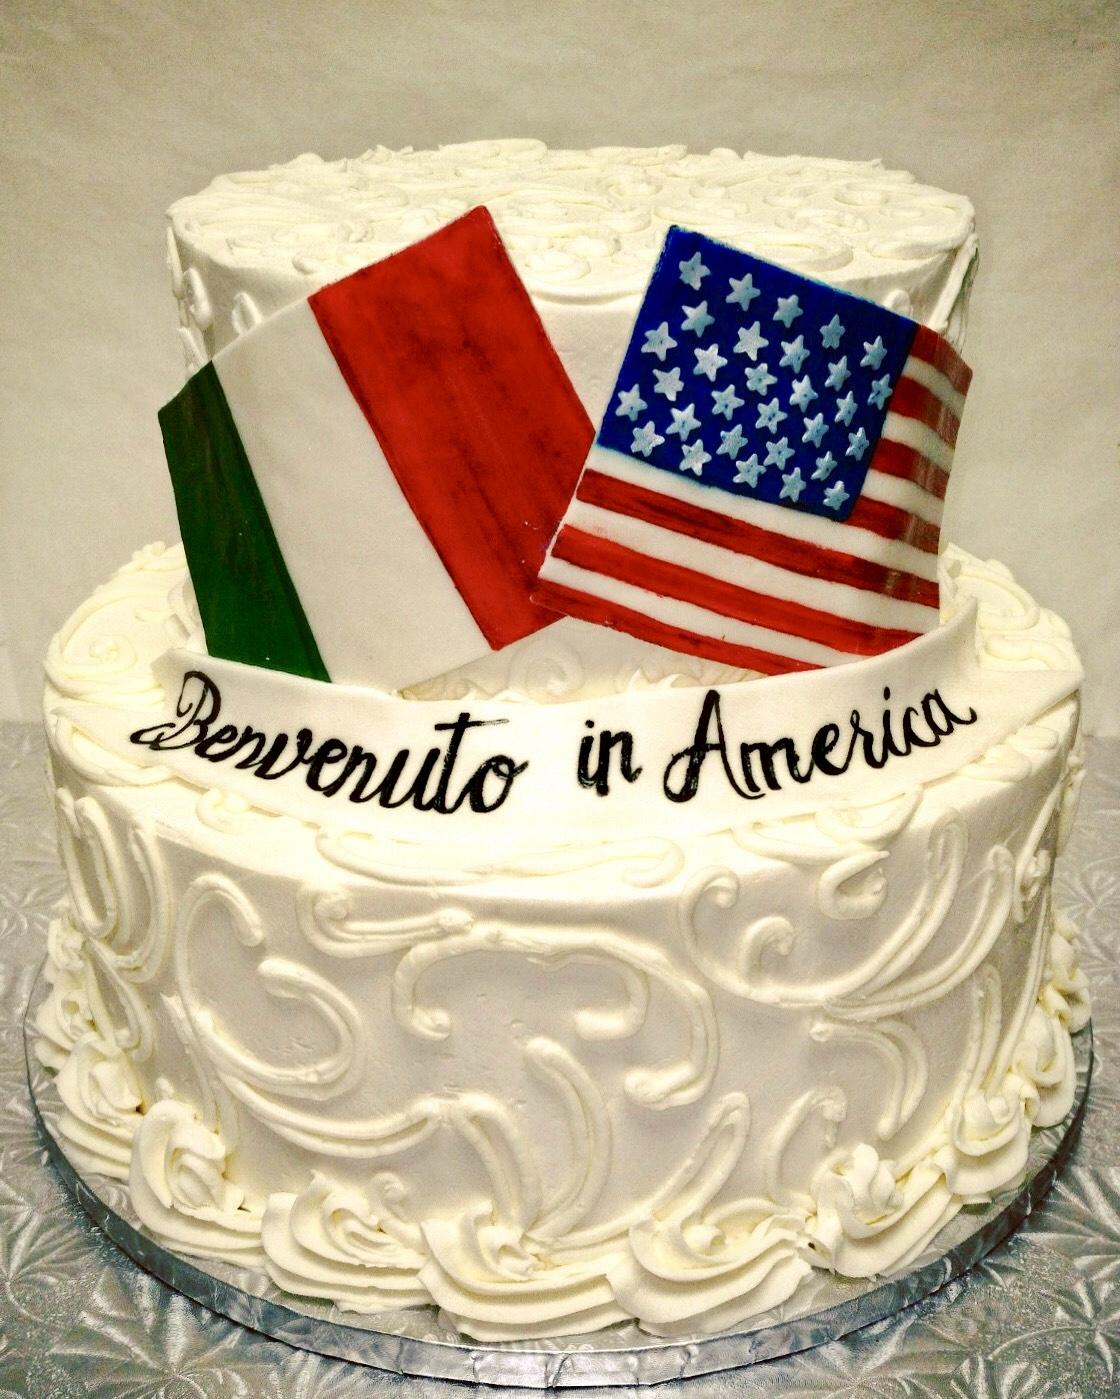 ItalianAmericanWelcome.jpg